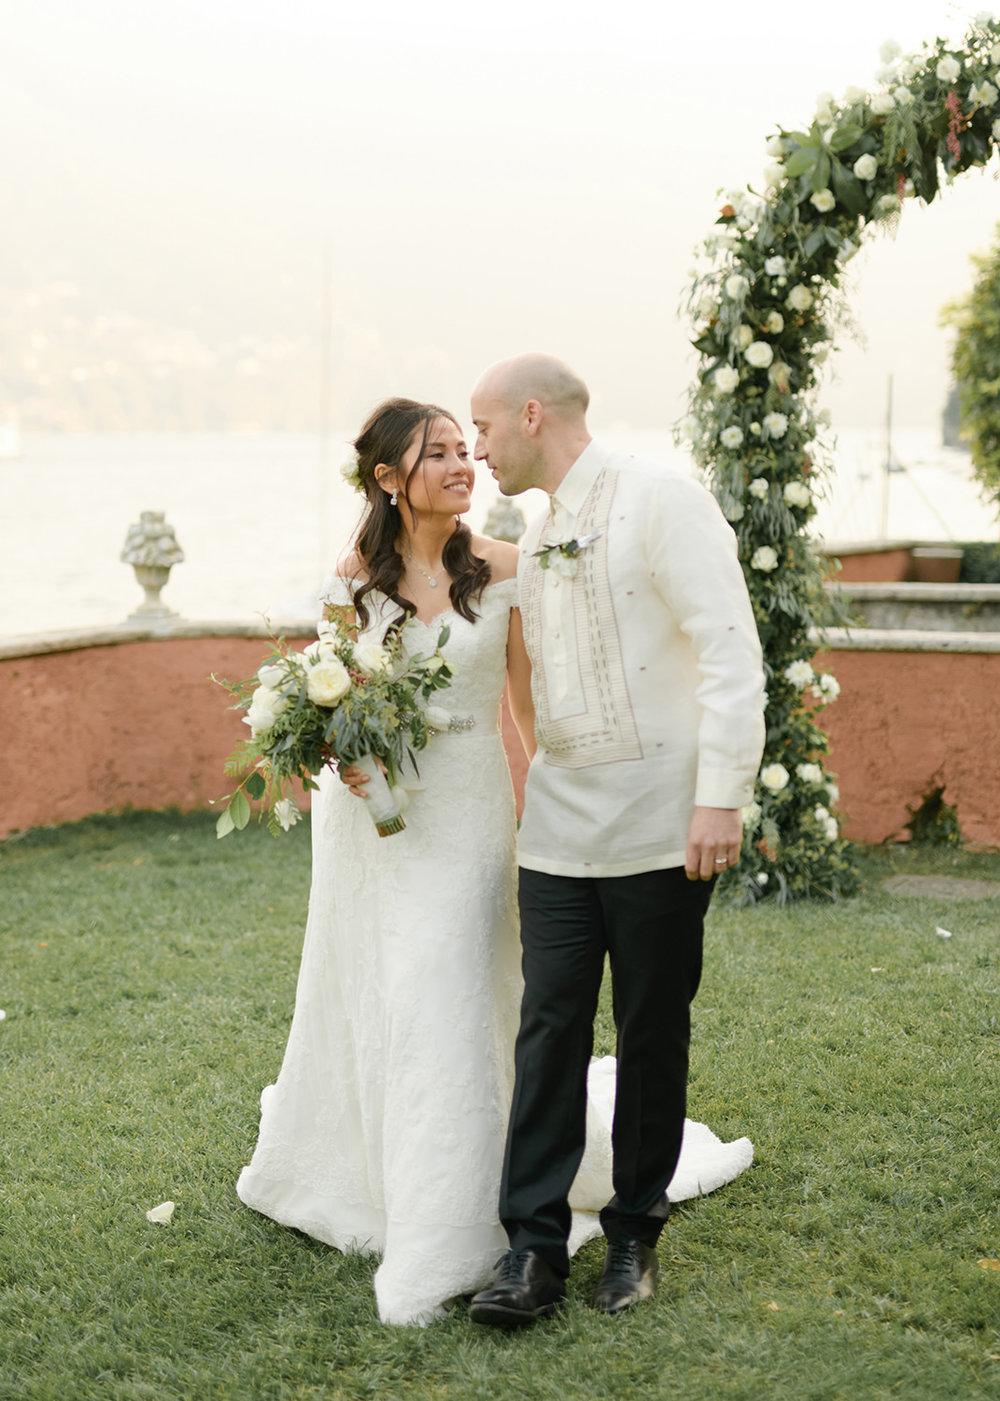 villa-regina-teodolinda-wedding-photographer-C&B-©bottega53-79.JPG